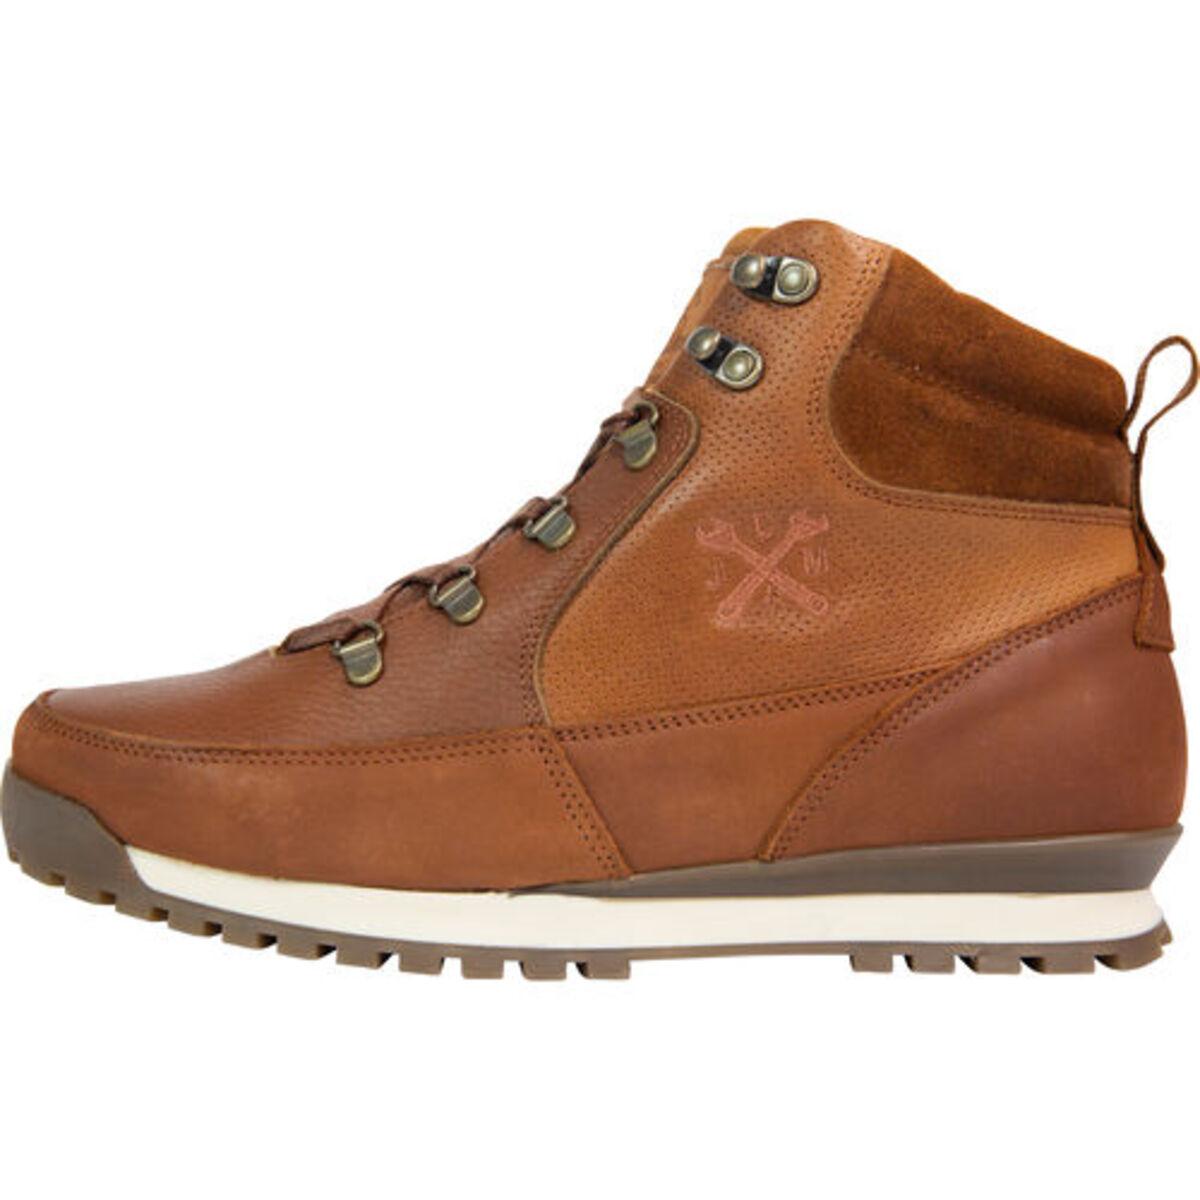 Bild 2 von Overland Schuh